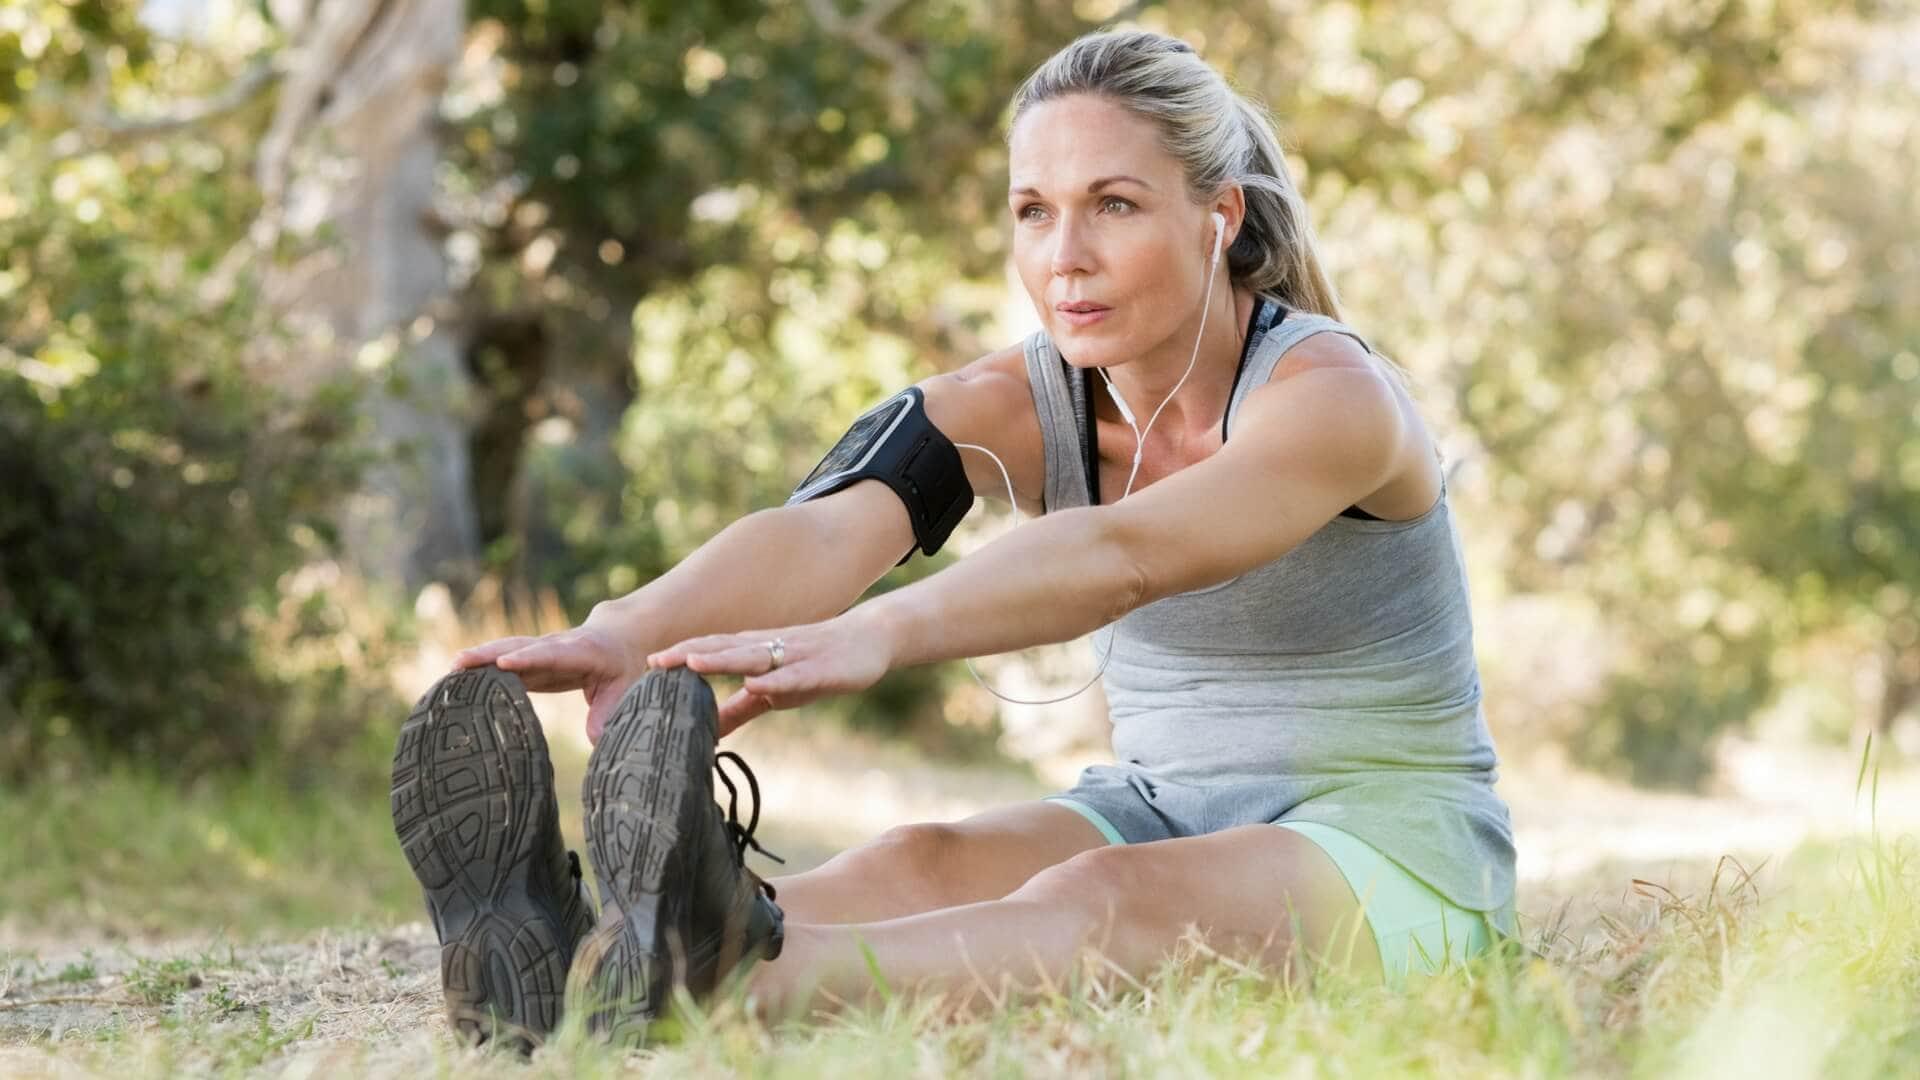 Увеличивает ли высокая физическая активность риск раннего наступления климакса